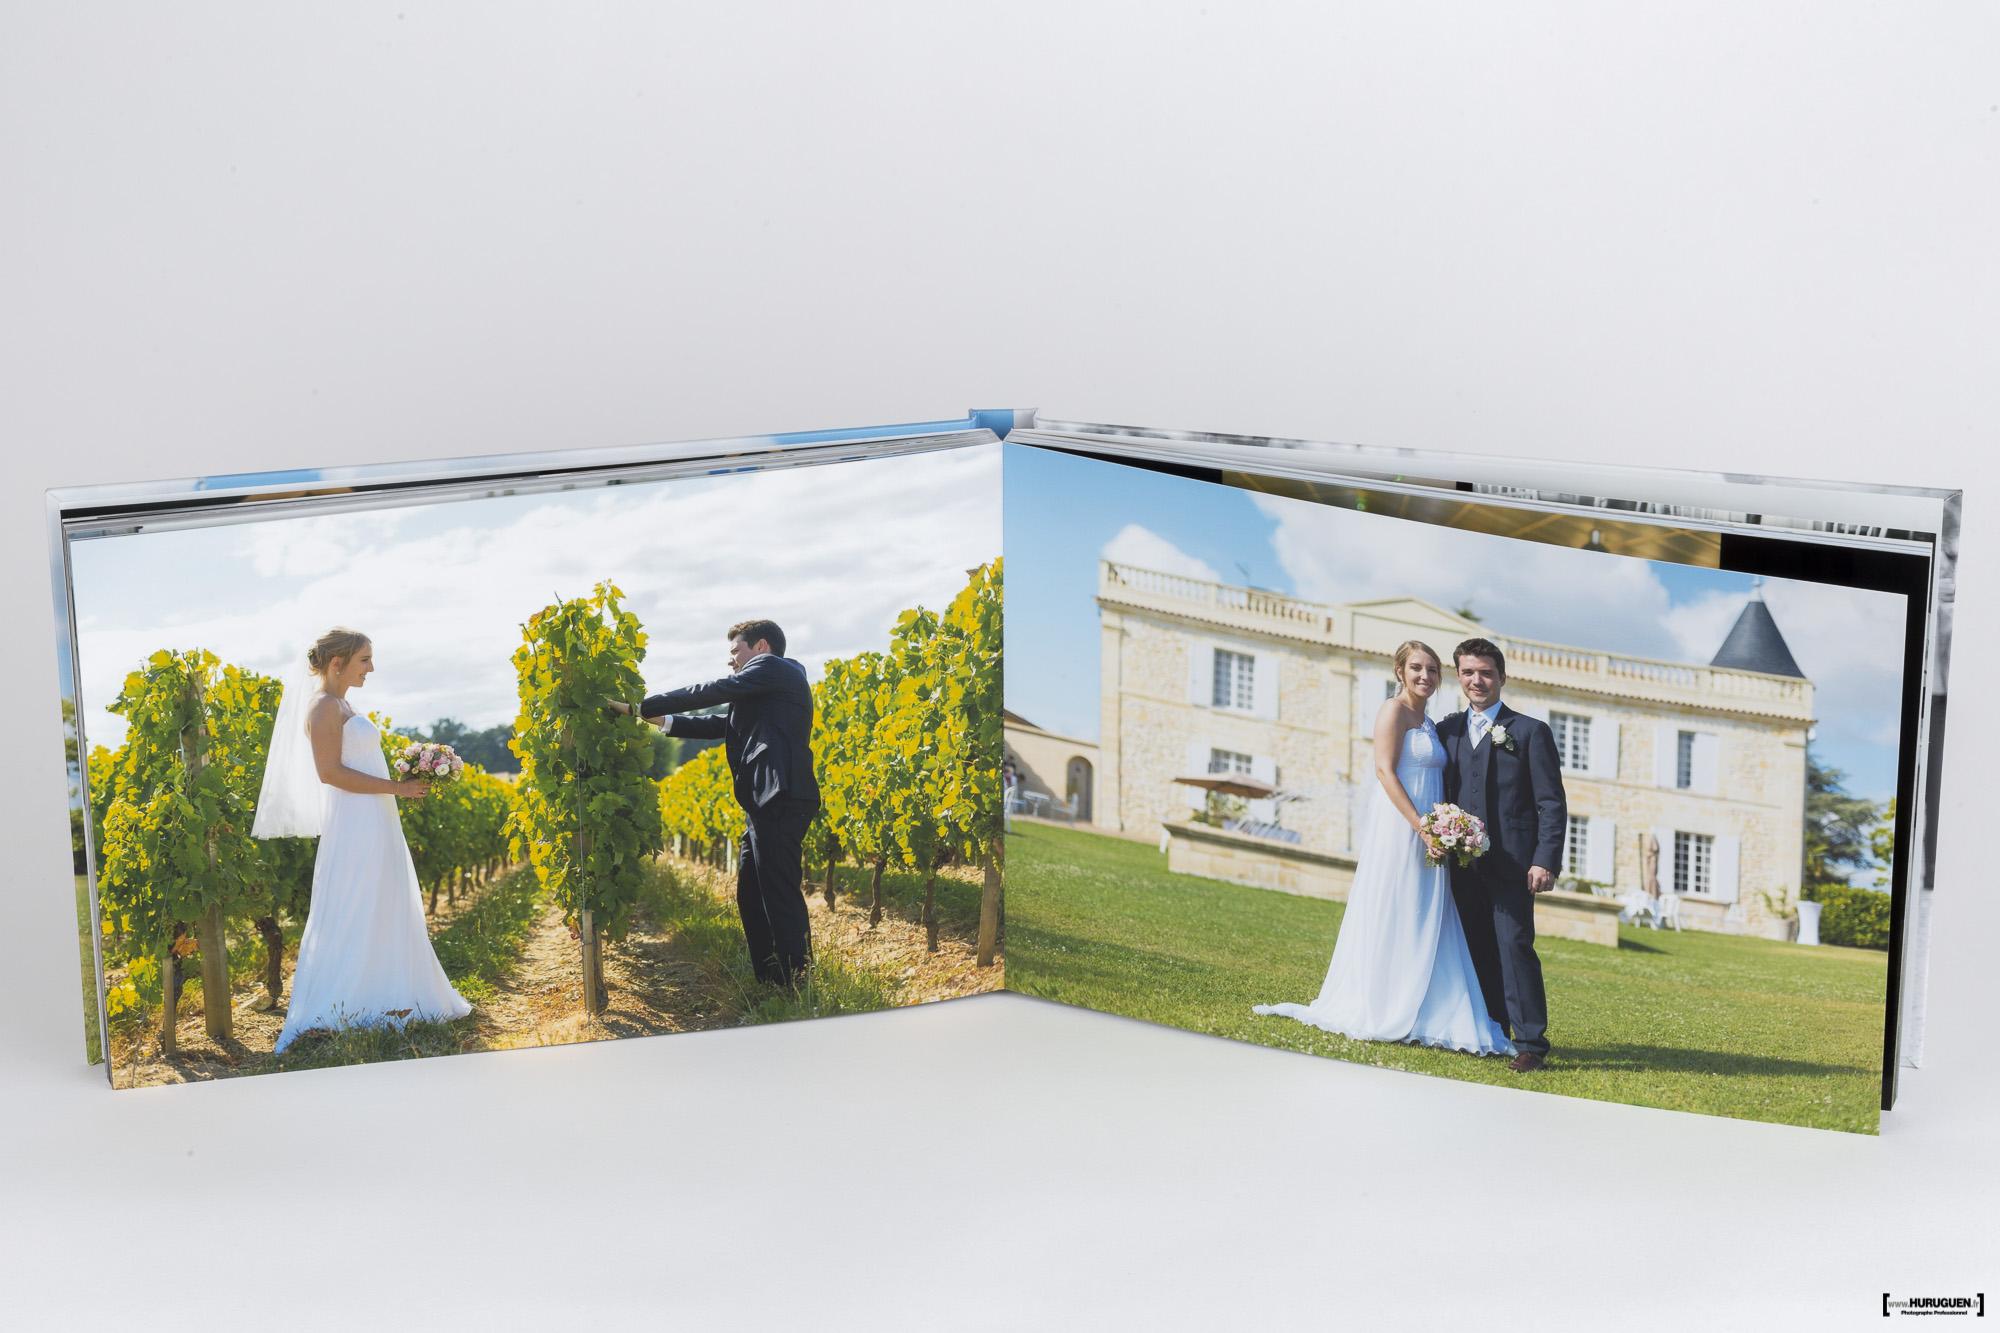 livre album photo hd mariage couverture rigide sebastien - Photographe Mariage Bordeaux Tarif